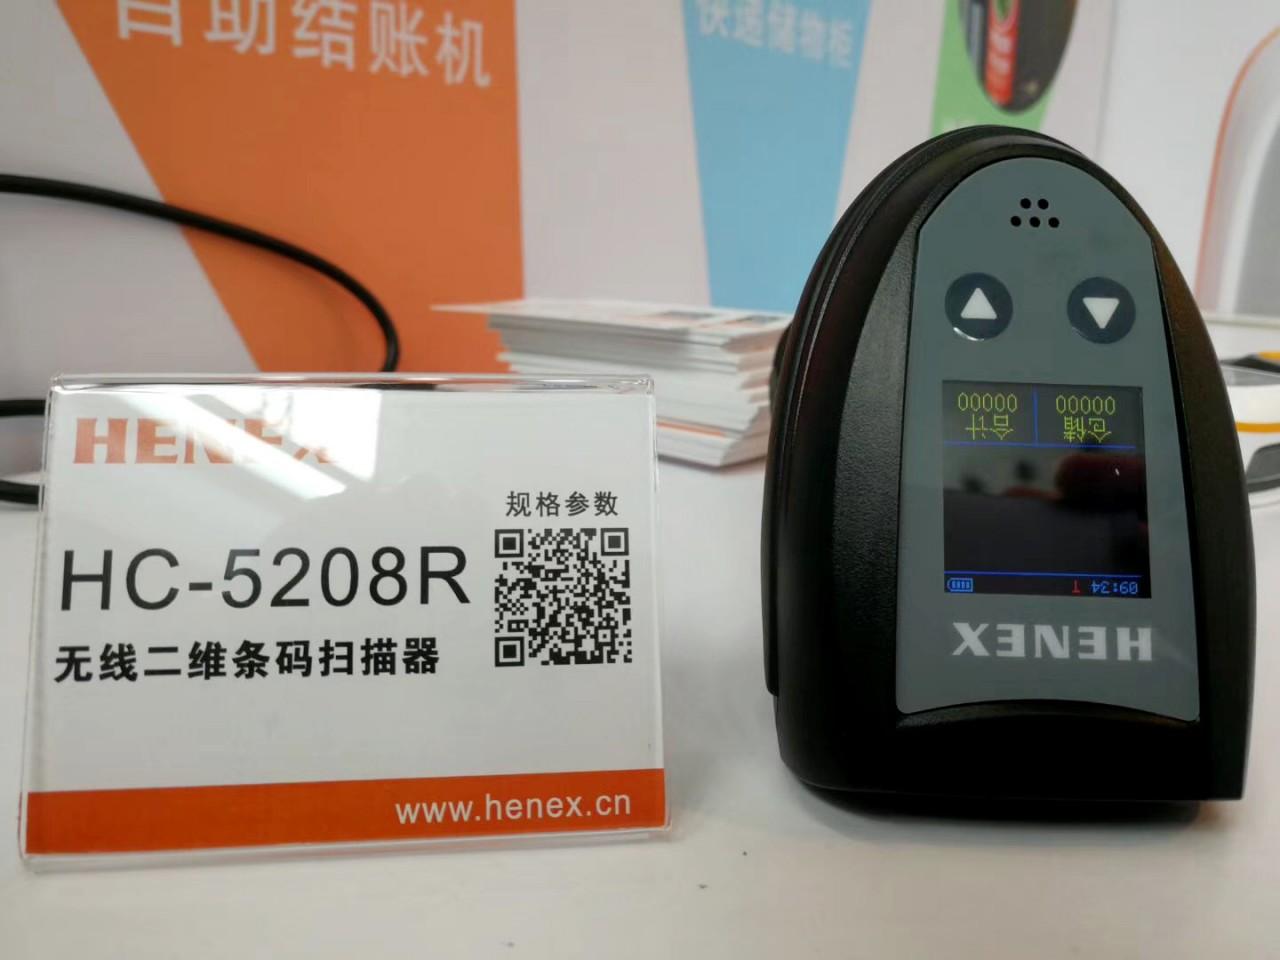 微信图片_20200806144402.jpg